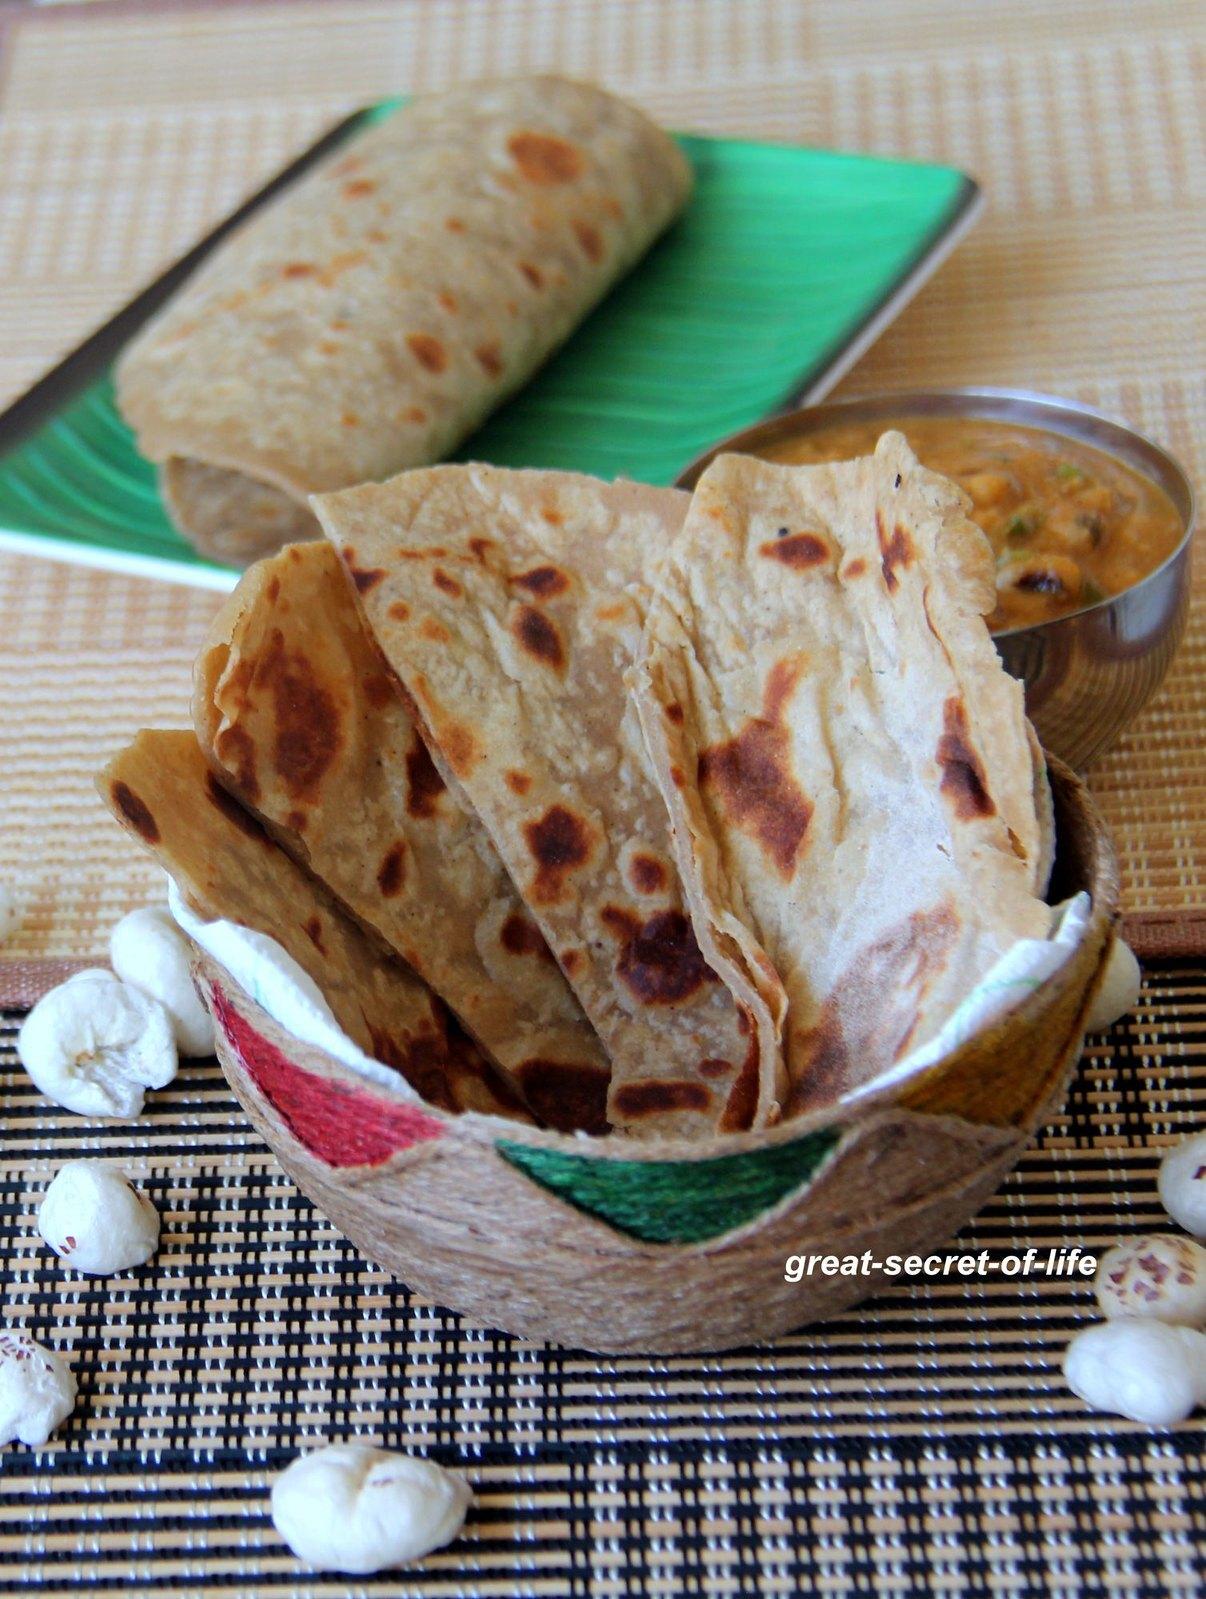 makhana roti - Lotus Seeds roti - Lotus seeds chapathi - makhana chapathi - Makhana chapati - Healthy breakfast / dinner recipe